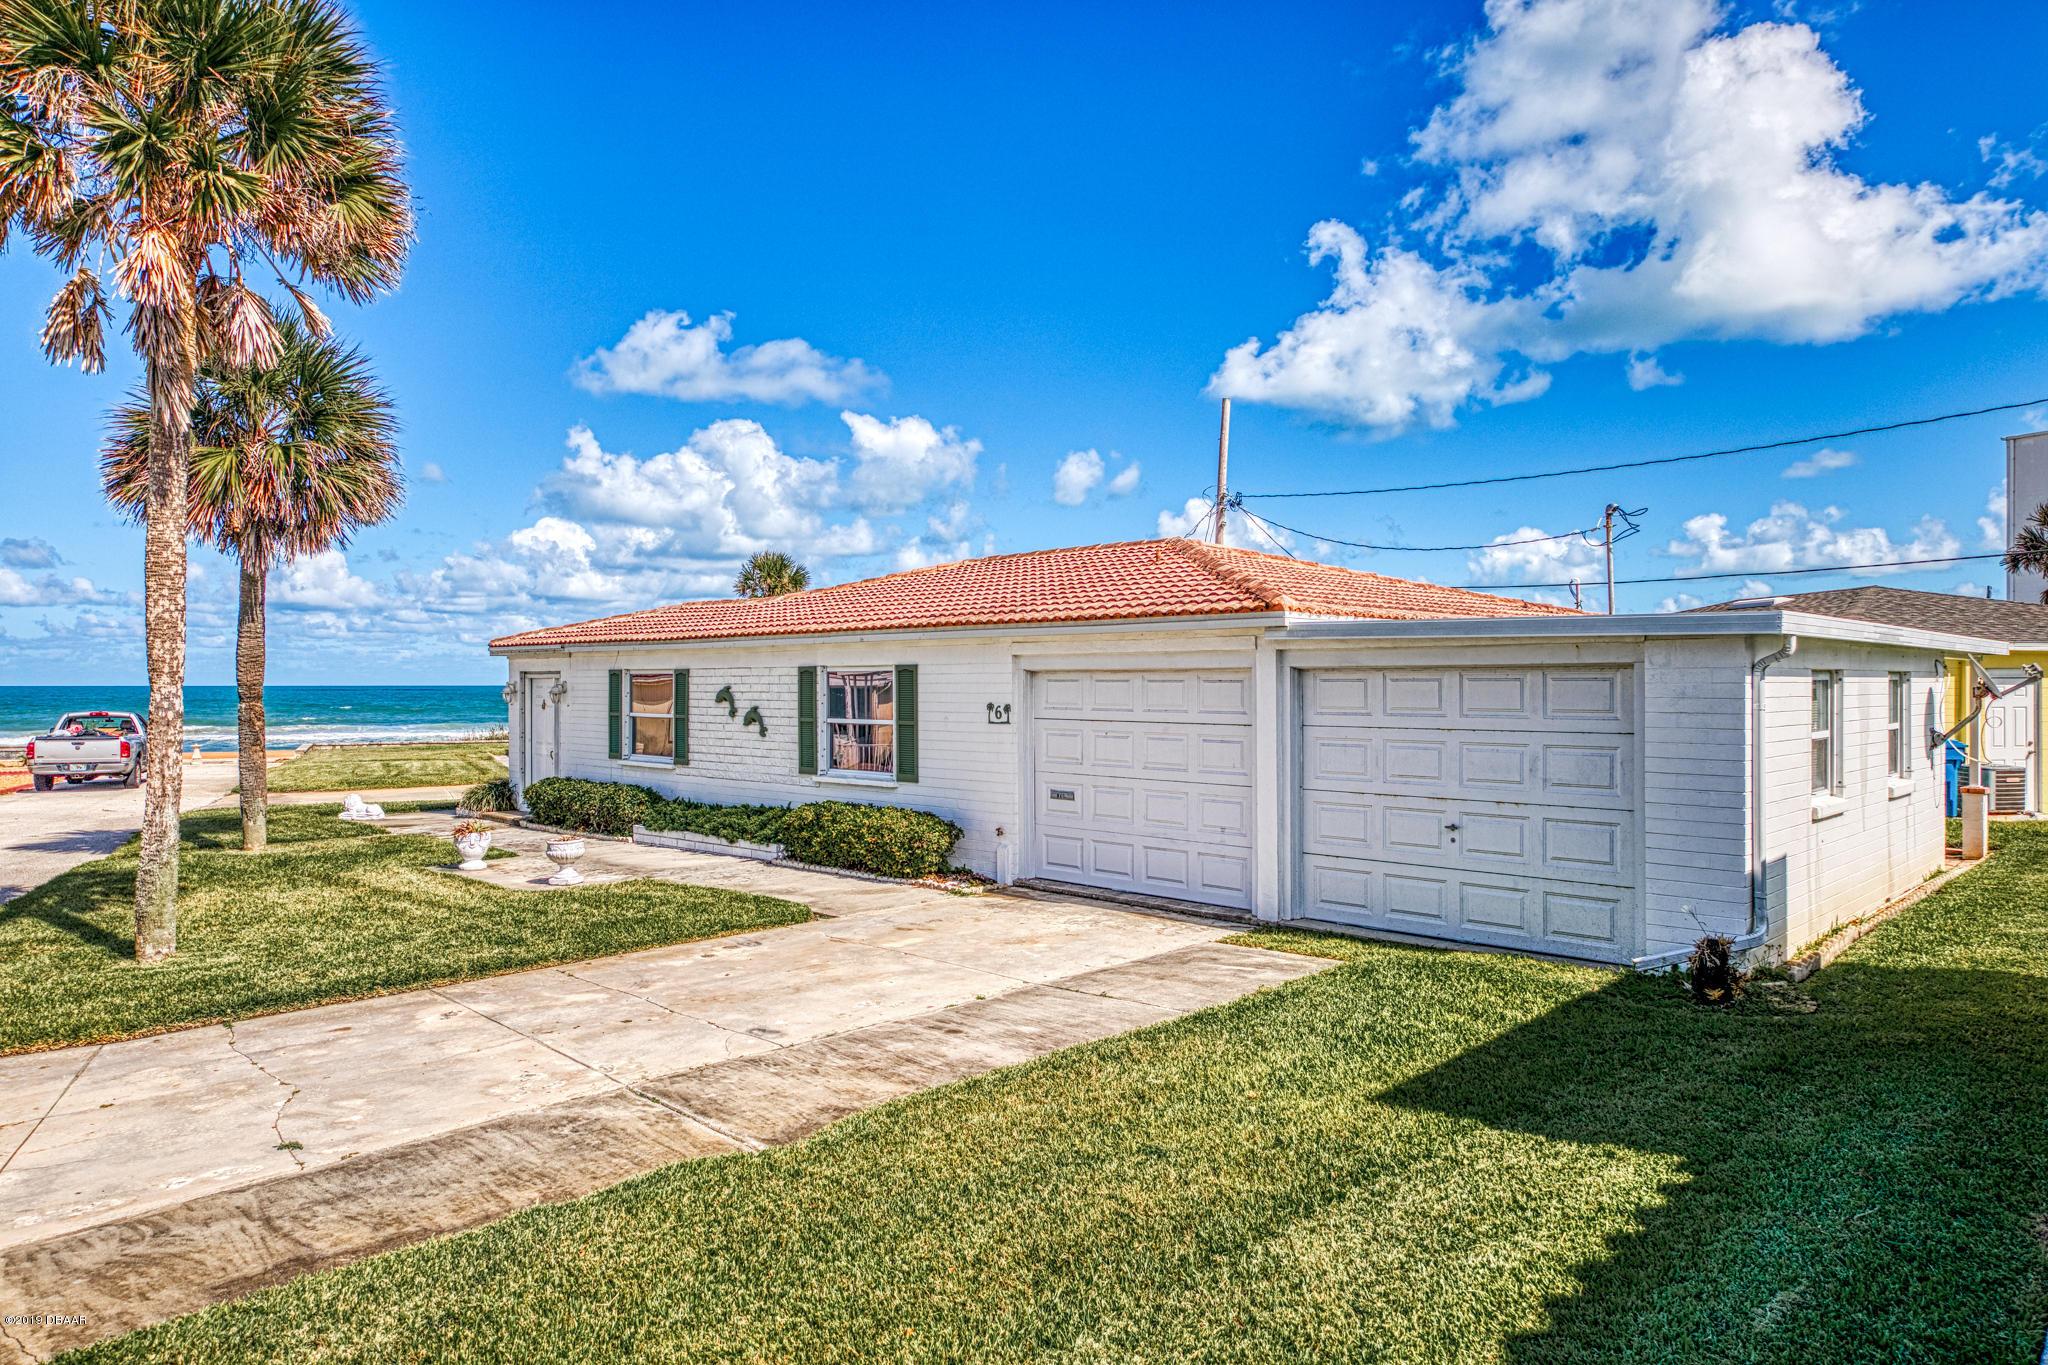 6 Sea Shore Drive, Ormond-By-The-Sea, Florida